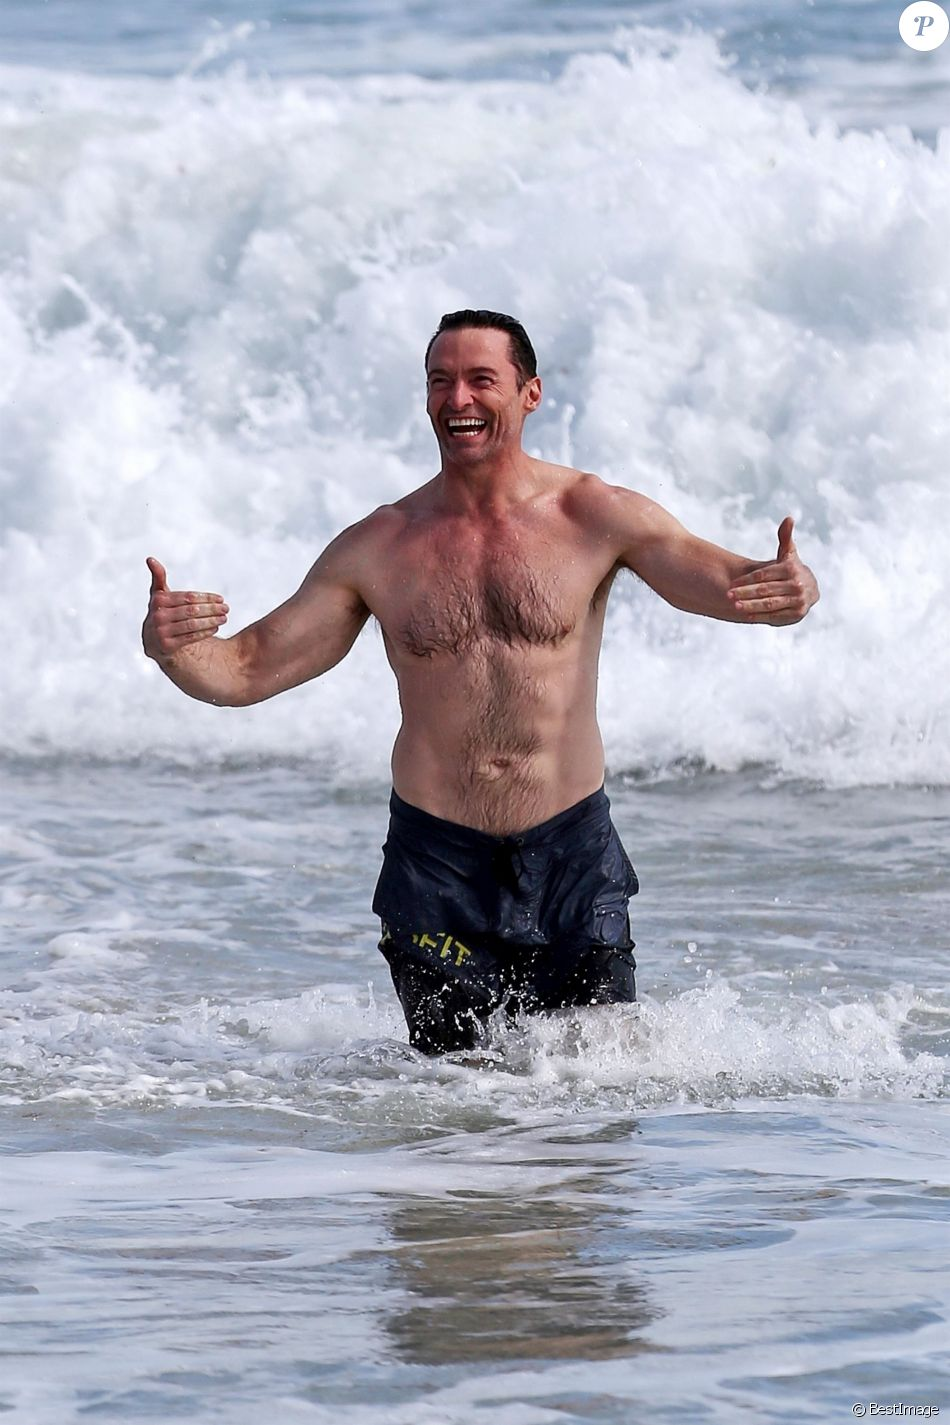 Exclusif - Hugh Jackman s'amuse dans les vagues de Cottesloe Beach en Australie, le 21 août 2019.